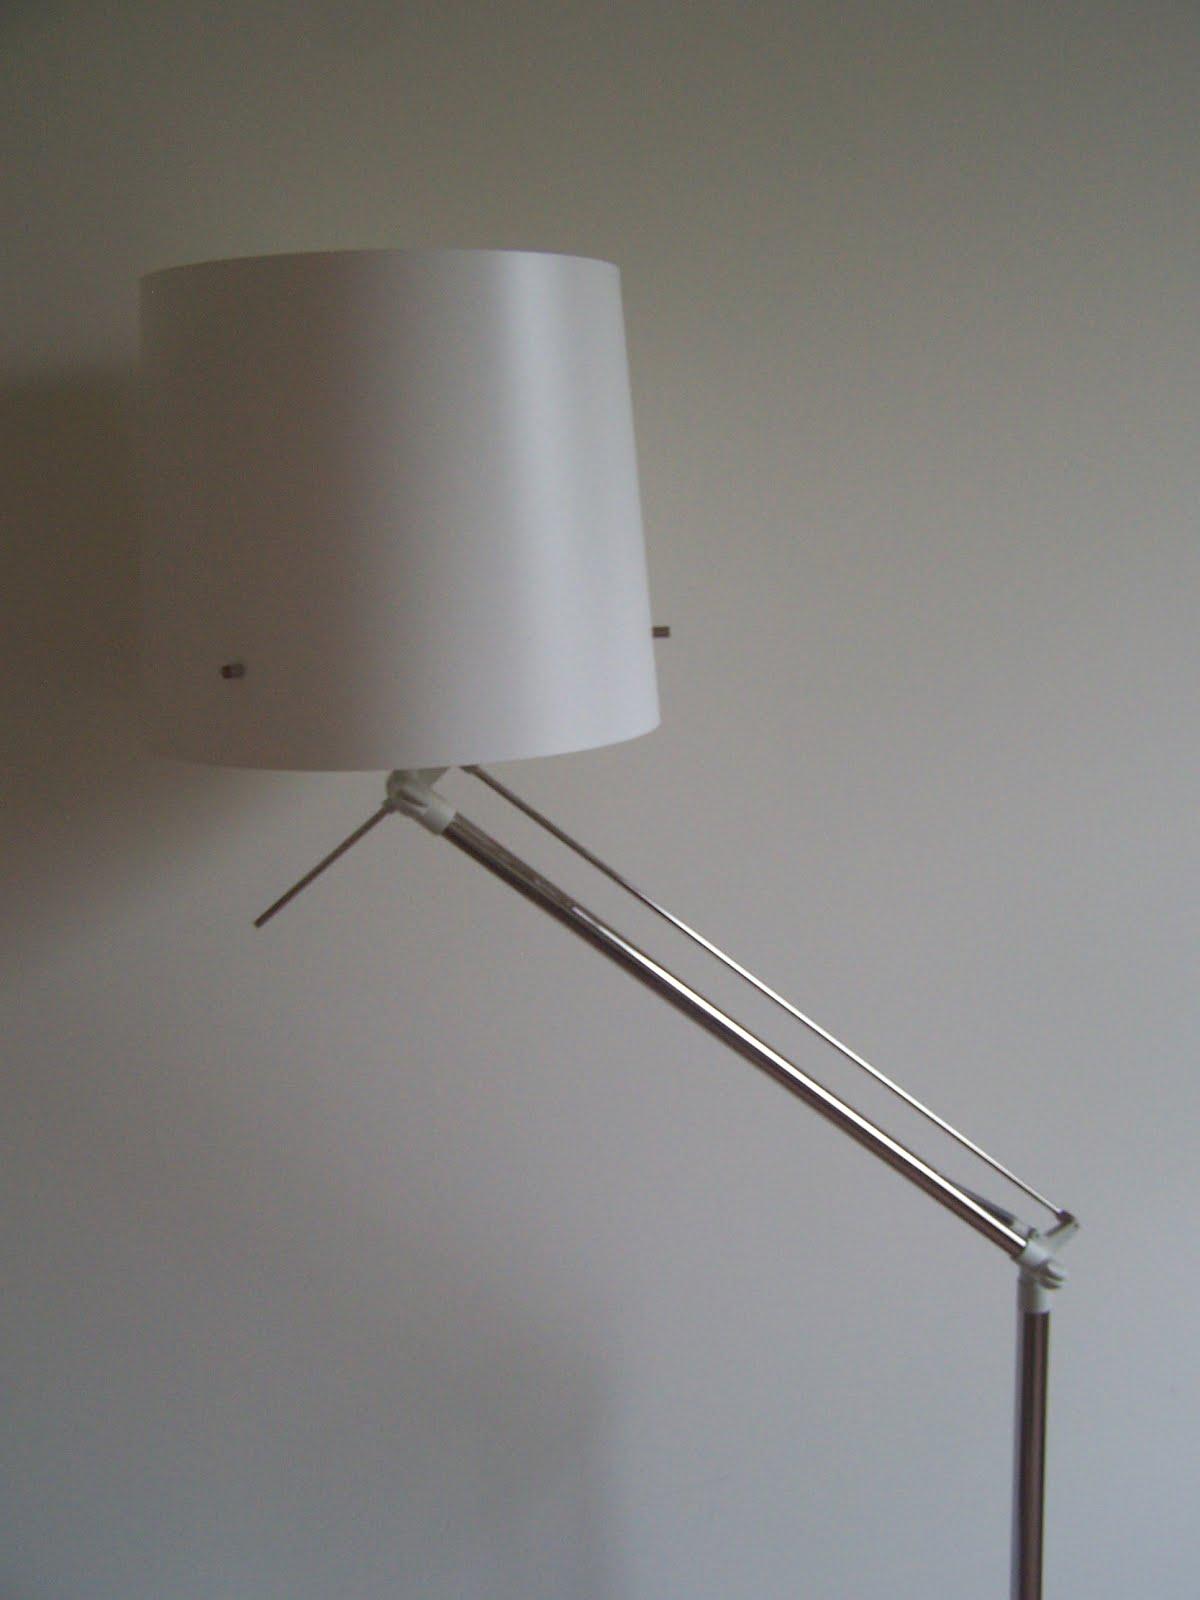 Ikea Faktum Lade Verwijderen ~   help Can we fix the Samtid socket?  IKEA Hackers  IKEA Hackers